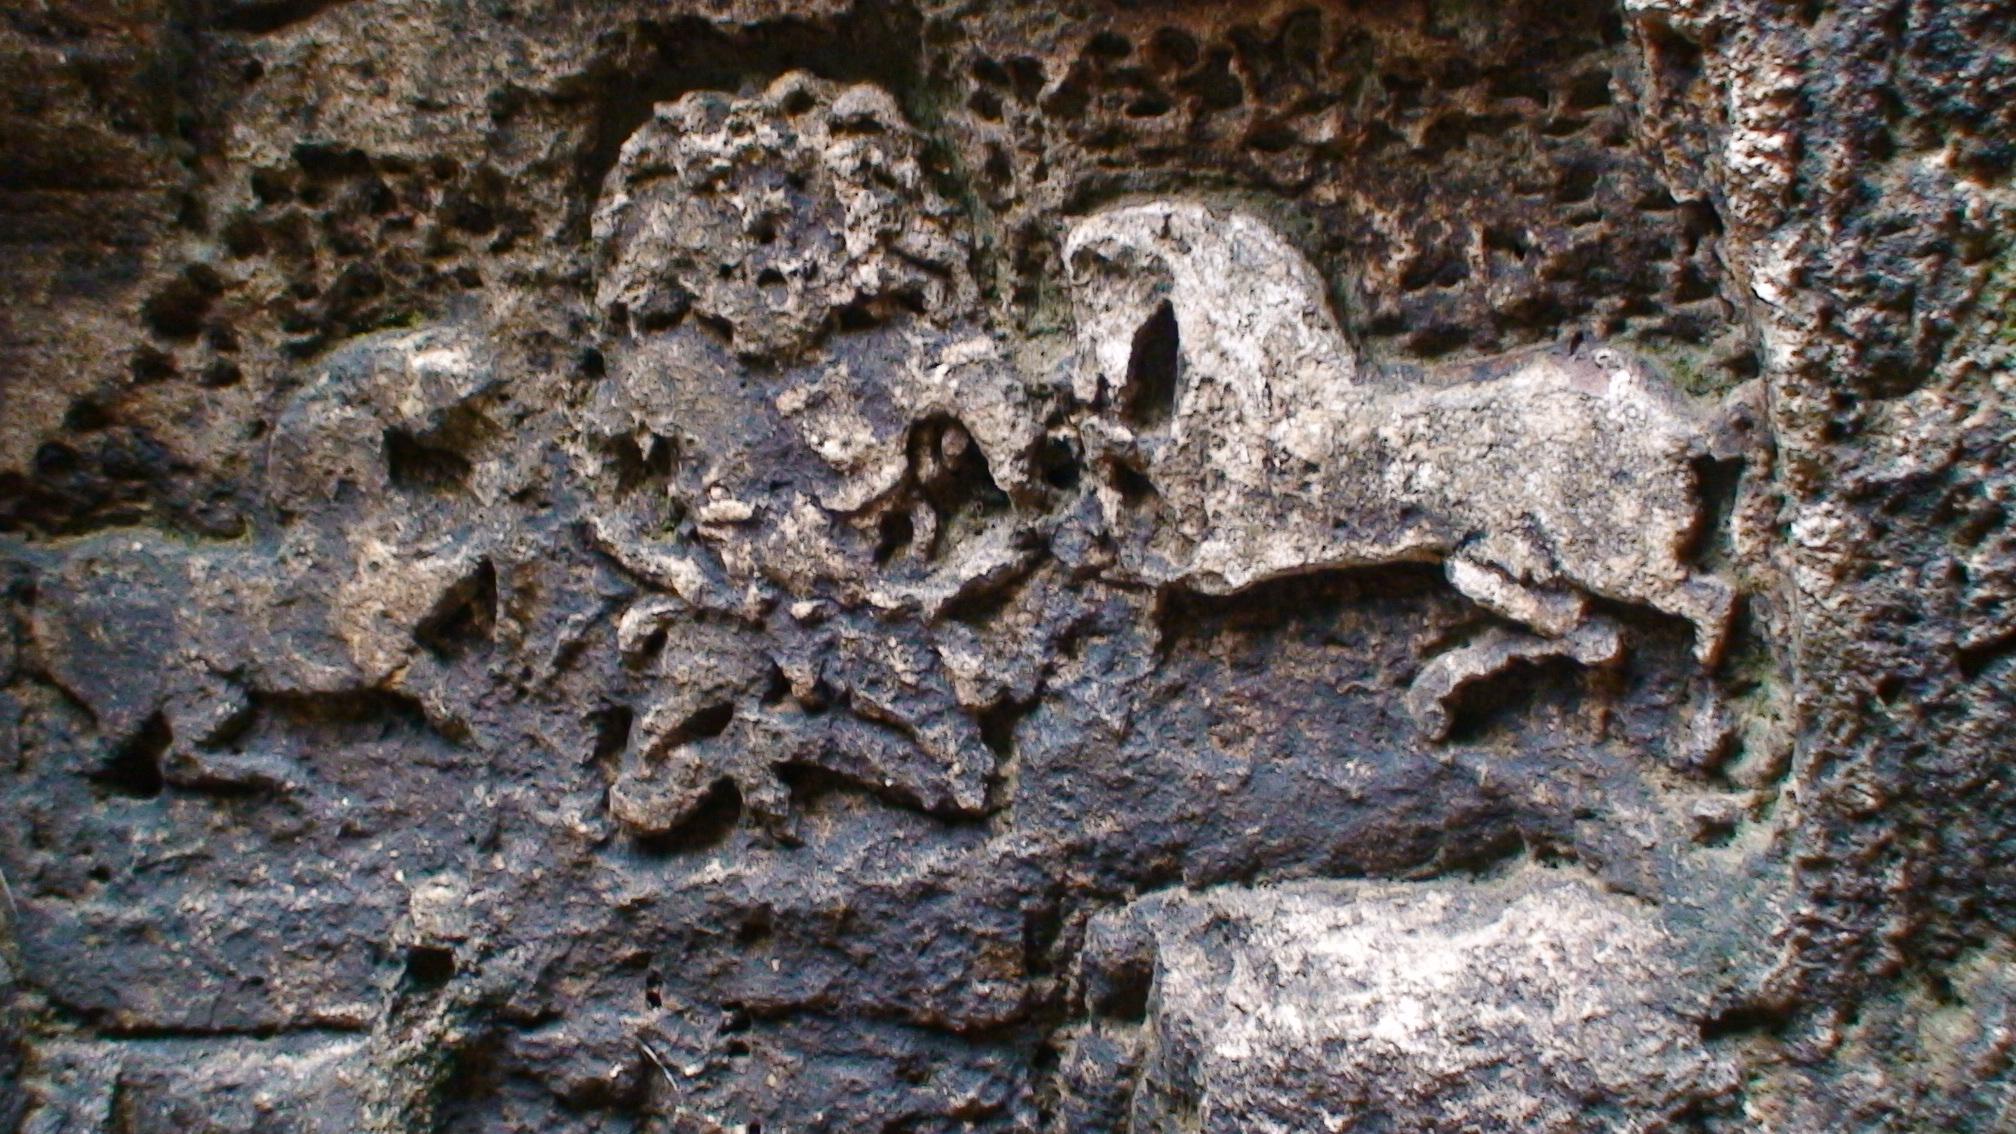 Penemuan Candra Sangkala 1 Museum Trunojoyo Ditemukan Situs Sumur Daksan